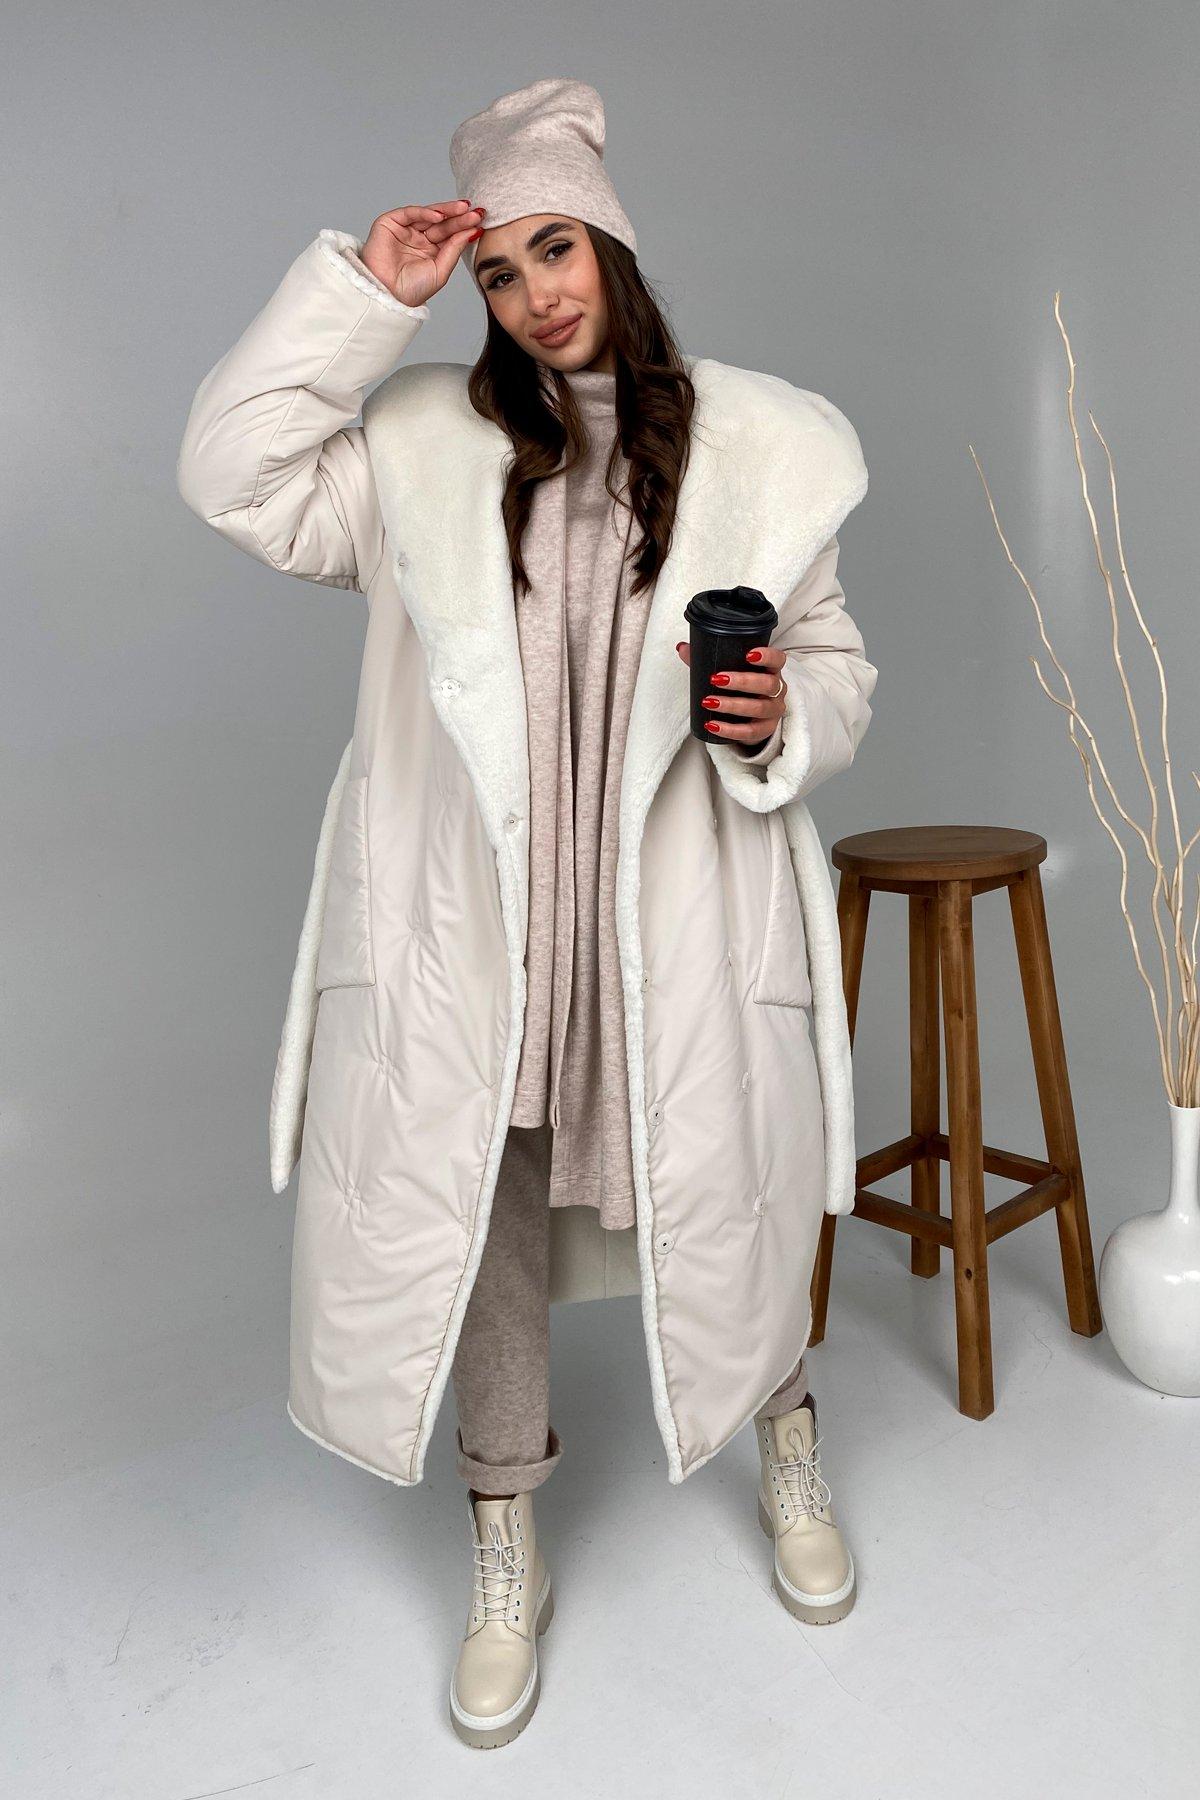 Сноу  теплое двухстороннее пальто из  еко меха и плотной  плащевки 9956 АРТ. 46243 Цвет: Молоко - фото 3, интернет магазин tm-modus.ru